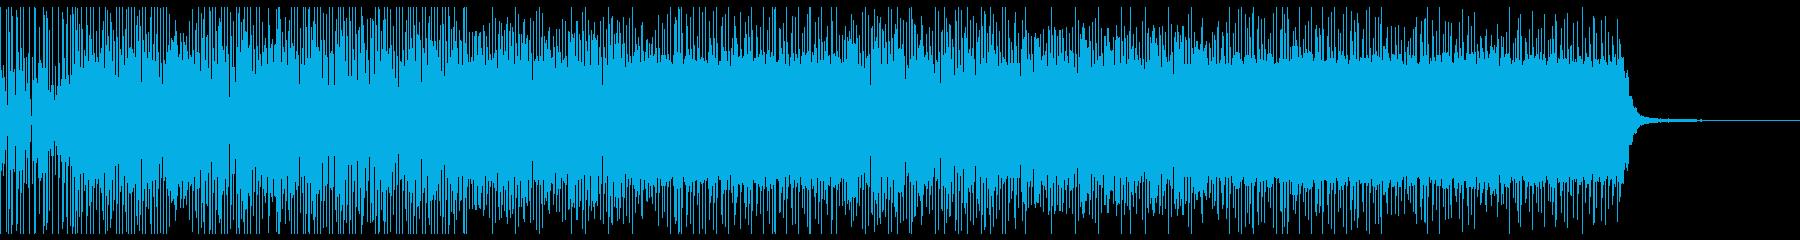 戦いをイメージした曲の再生済みの波形